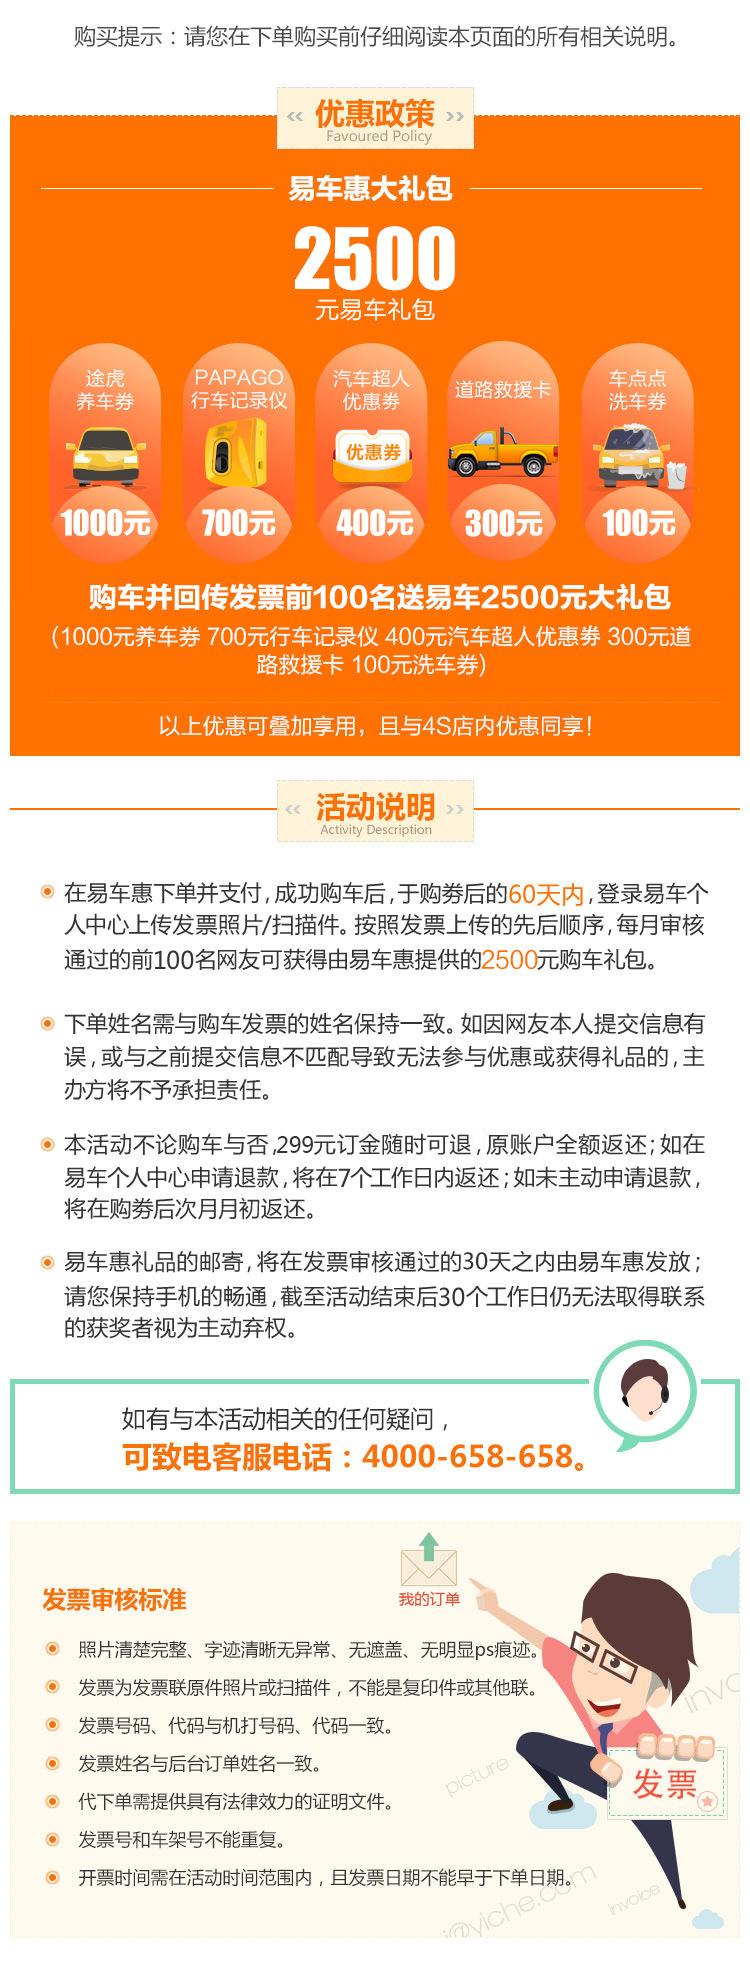 购车必看:广汽传祺 GS8 线上专享优惠 购车送2500元礼包